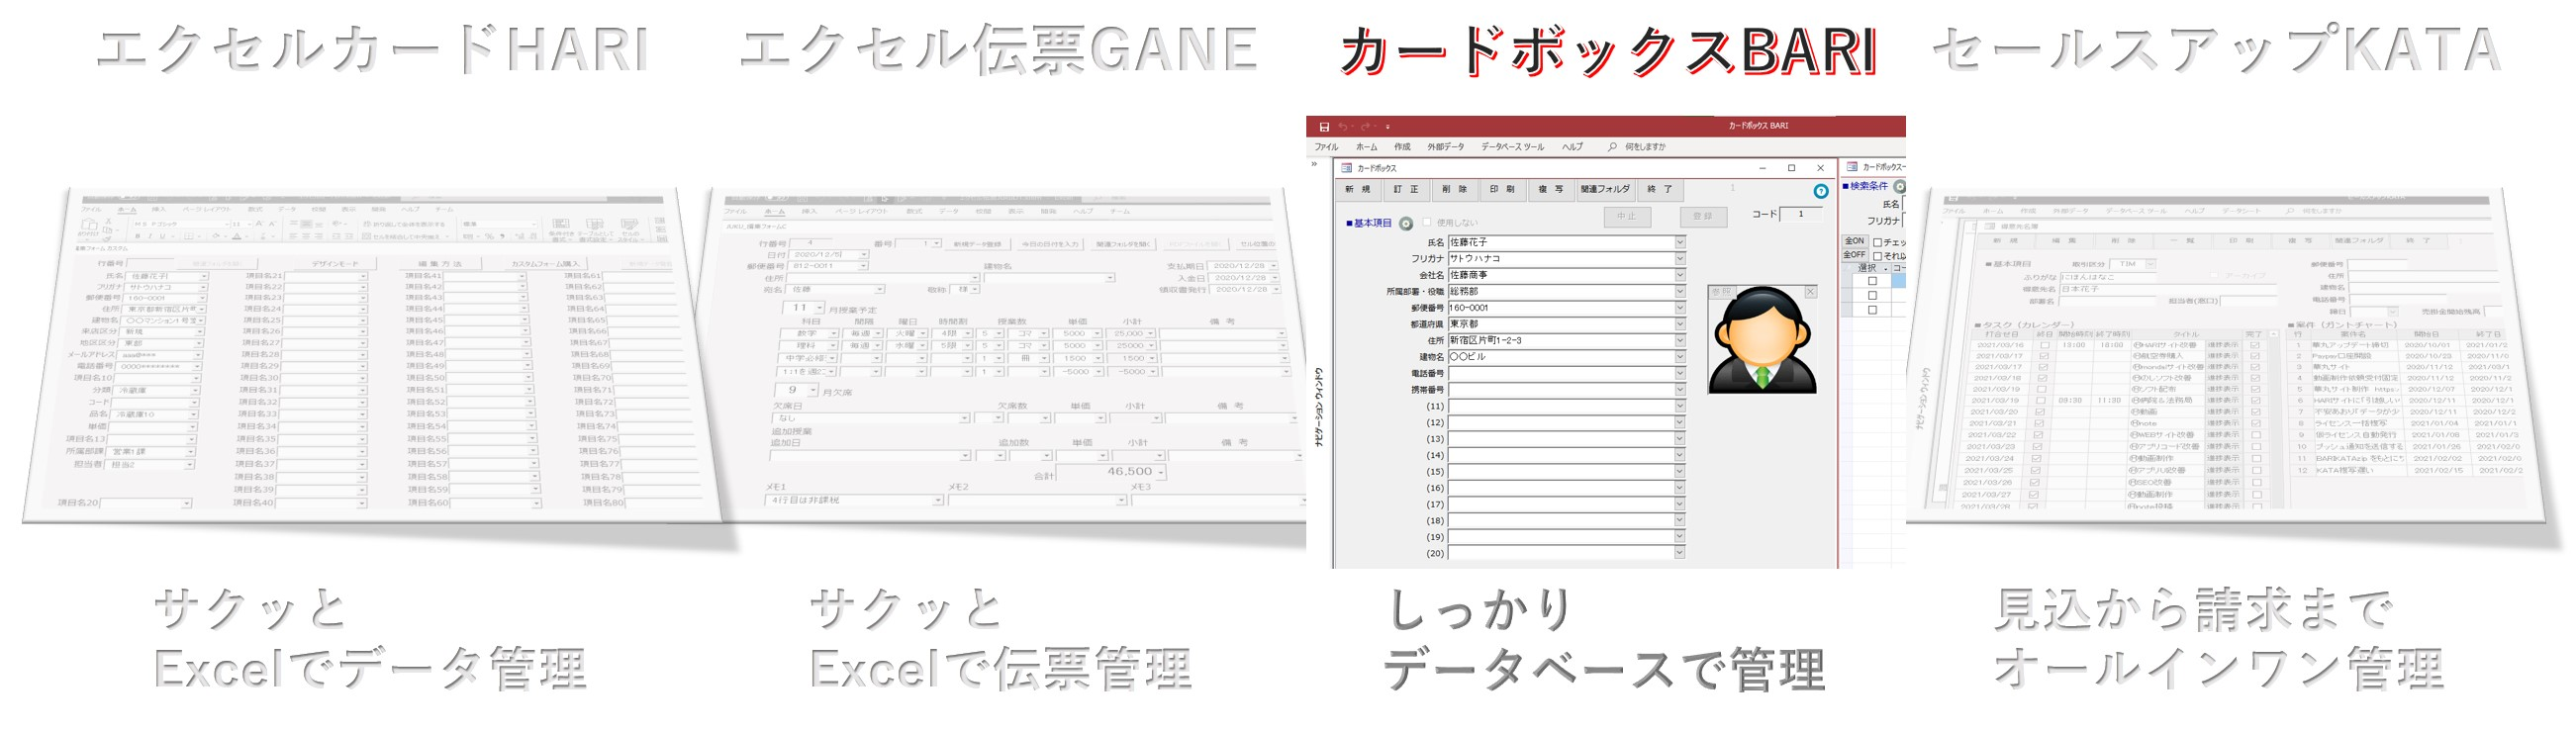 カードボックスBARI,Excel連携,Access連携